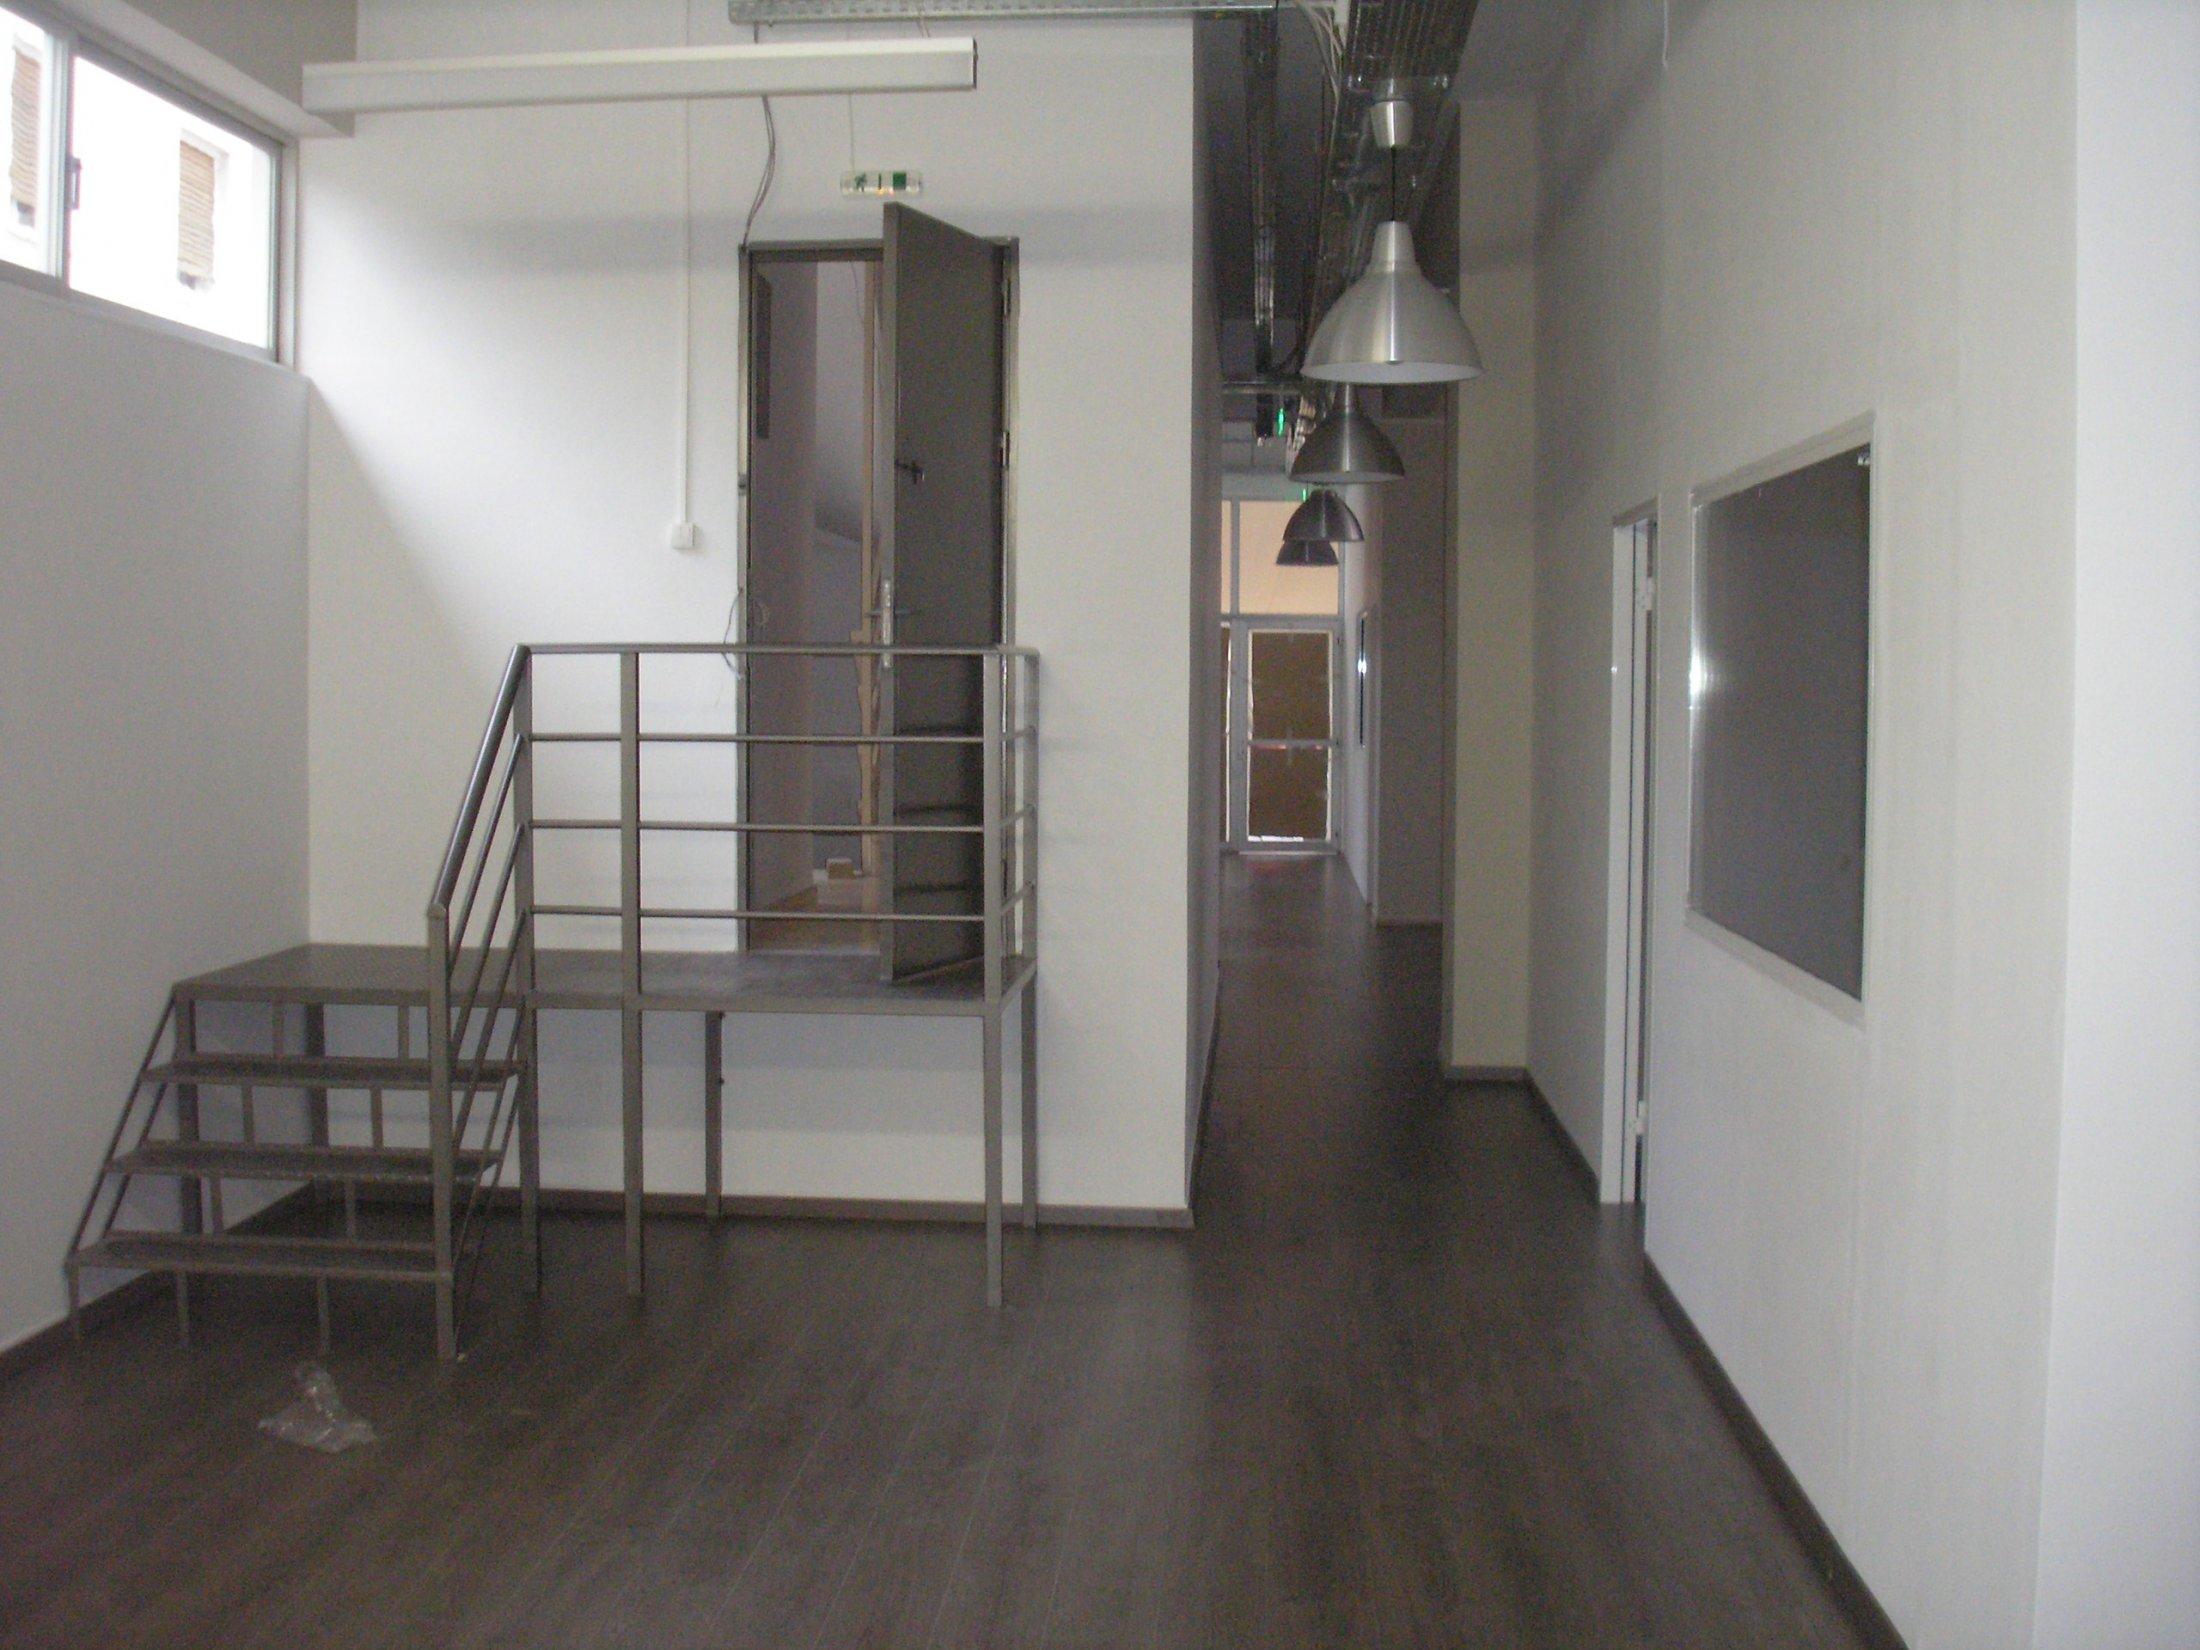 κατασκευή-τοποθέτηση σιδερένιας σκάλας